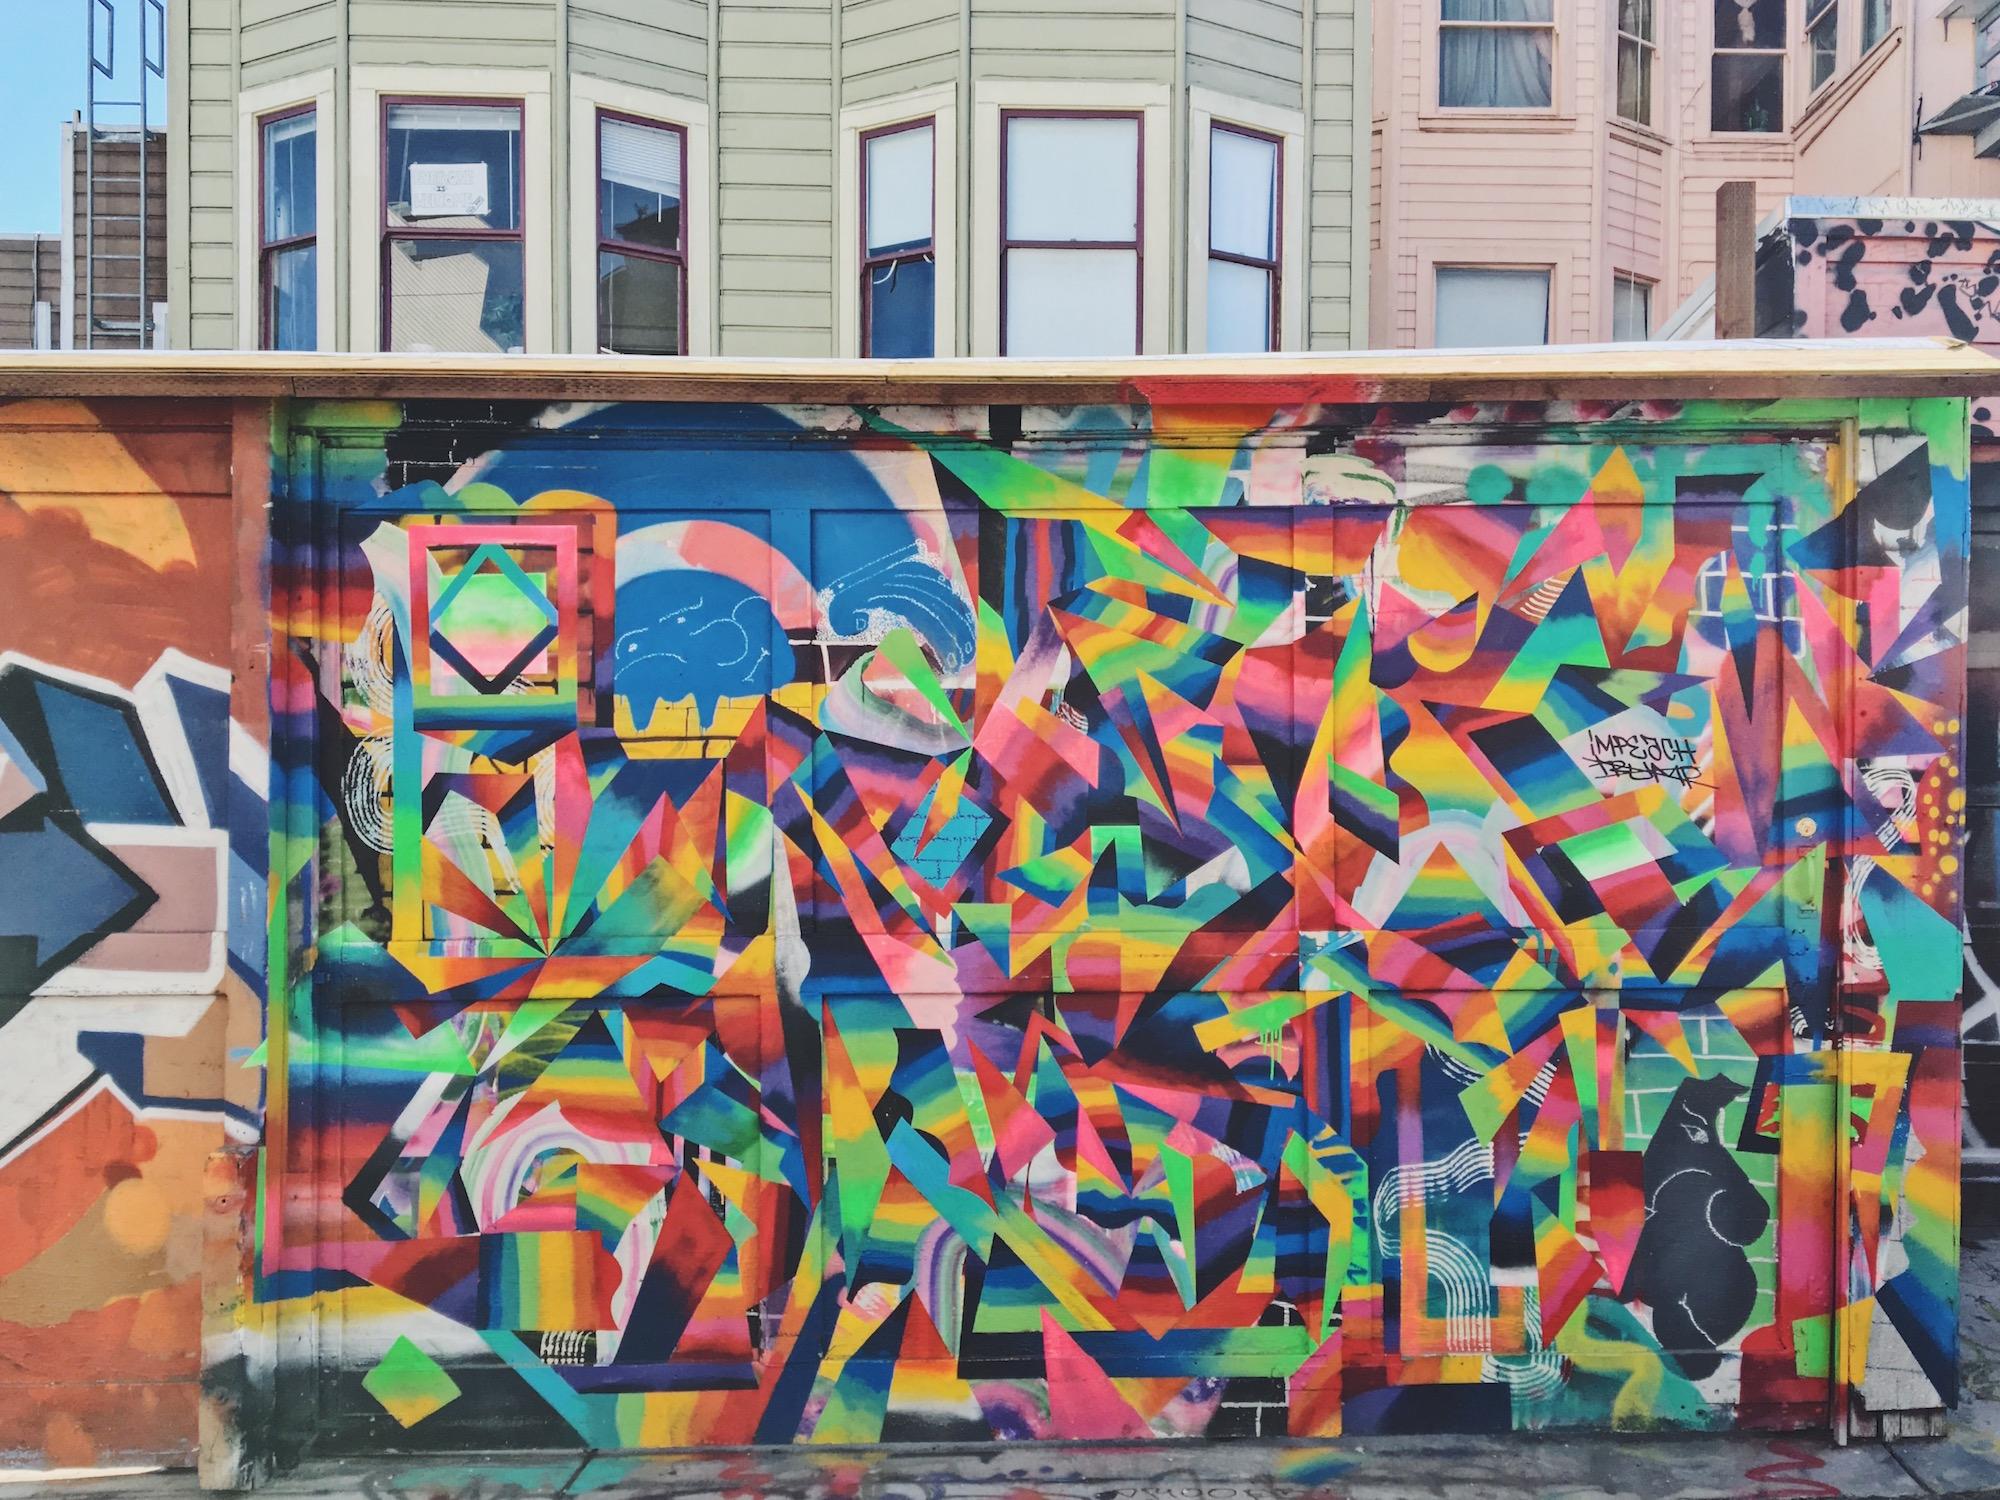 Clarion Alley - Murales nel quartiere Mission di San Francisco -